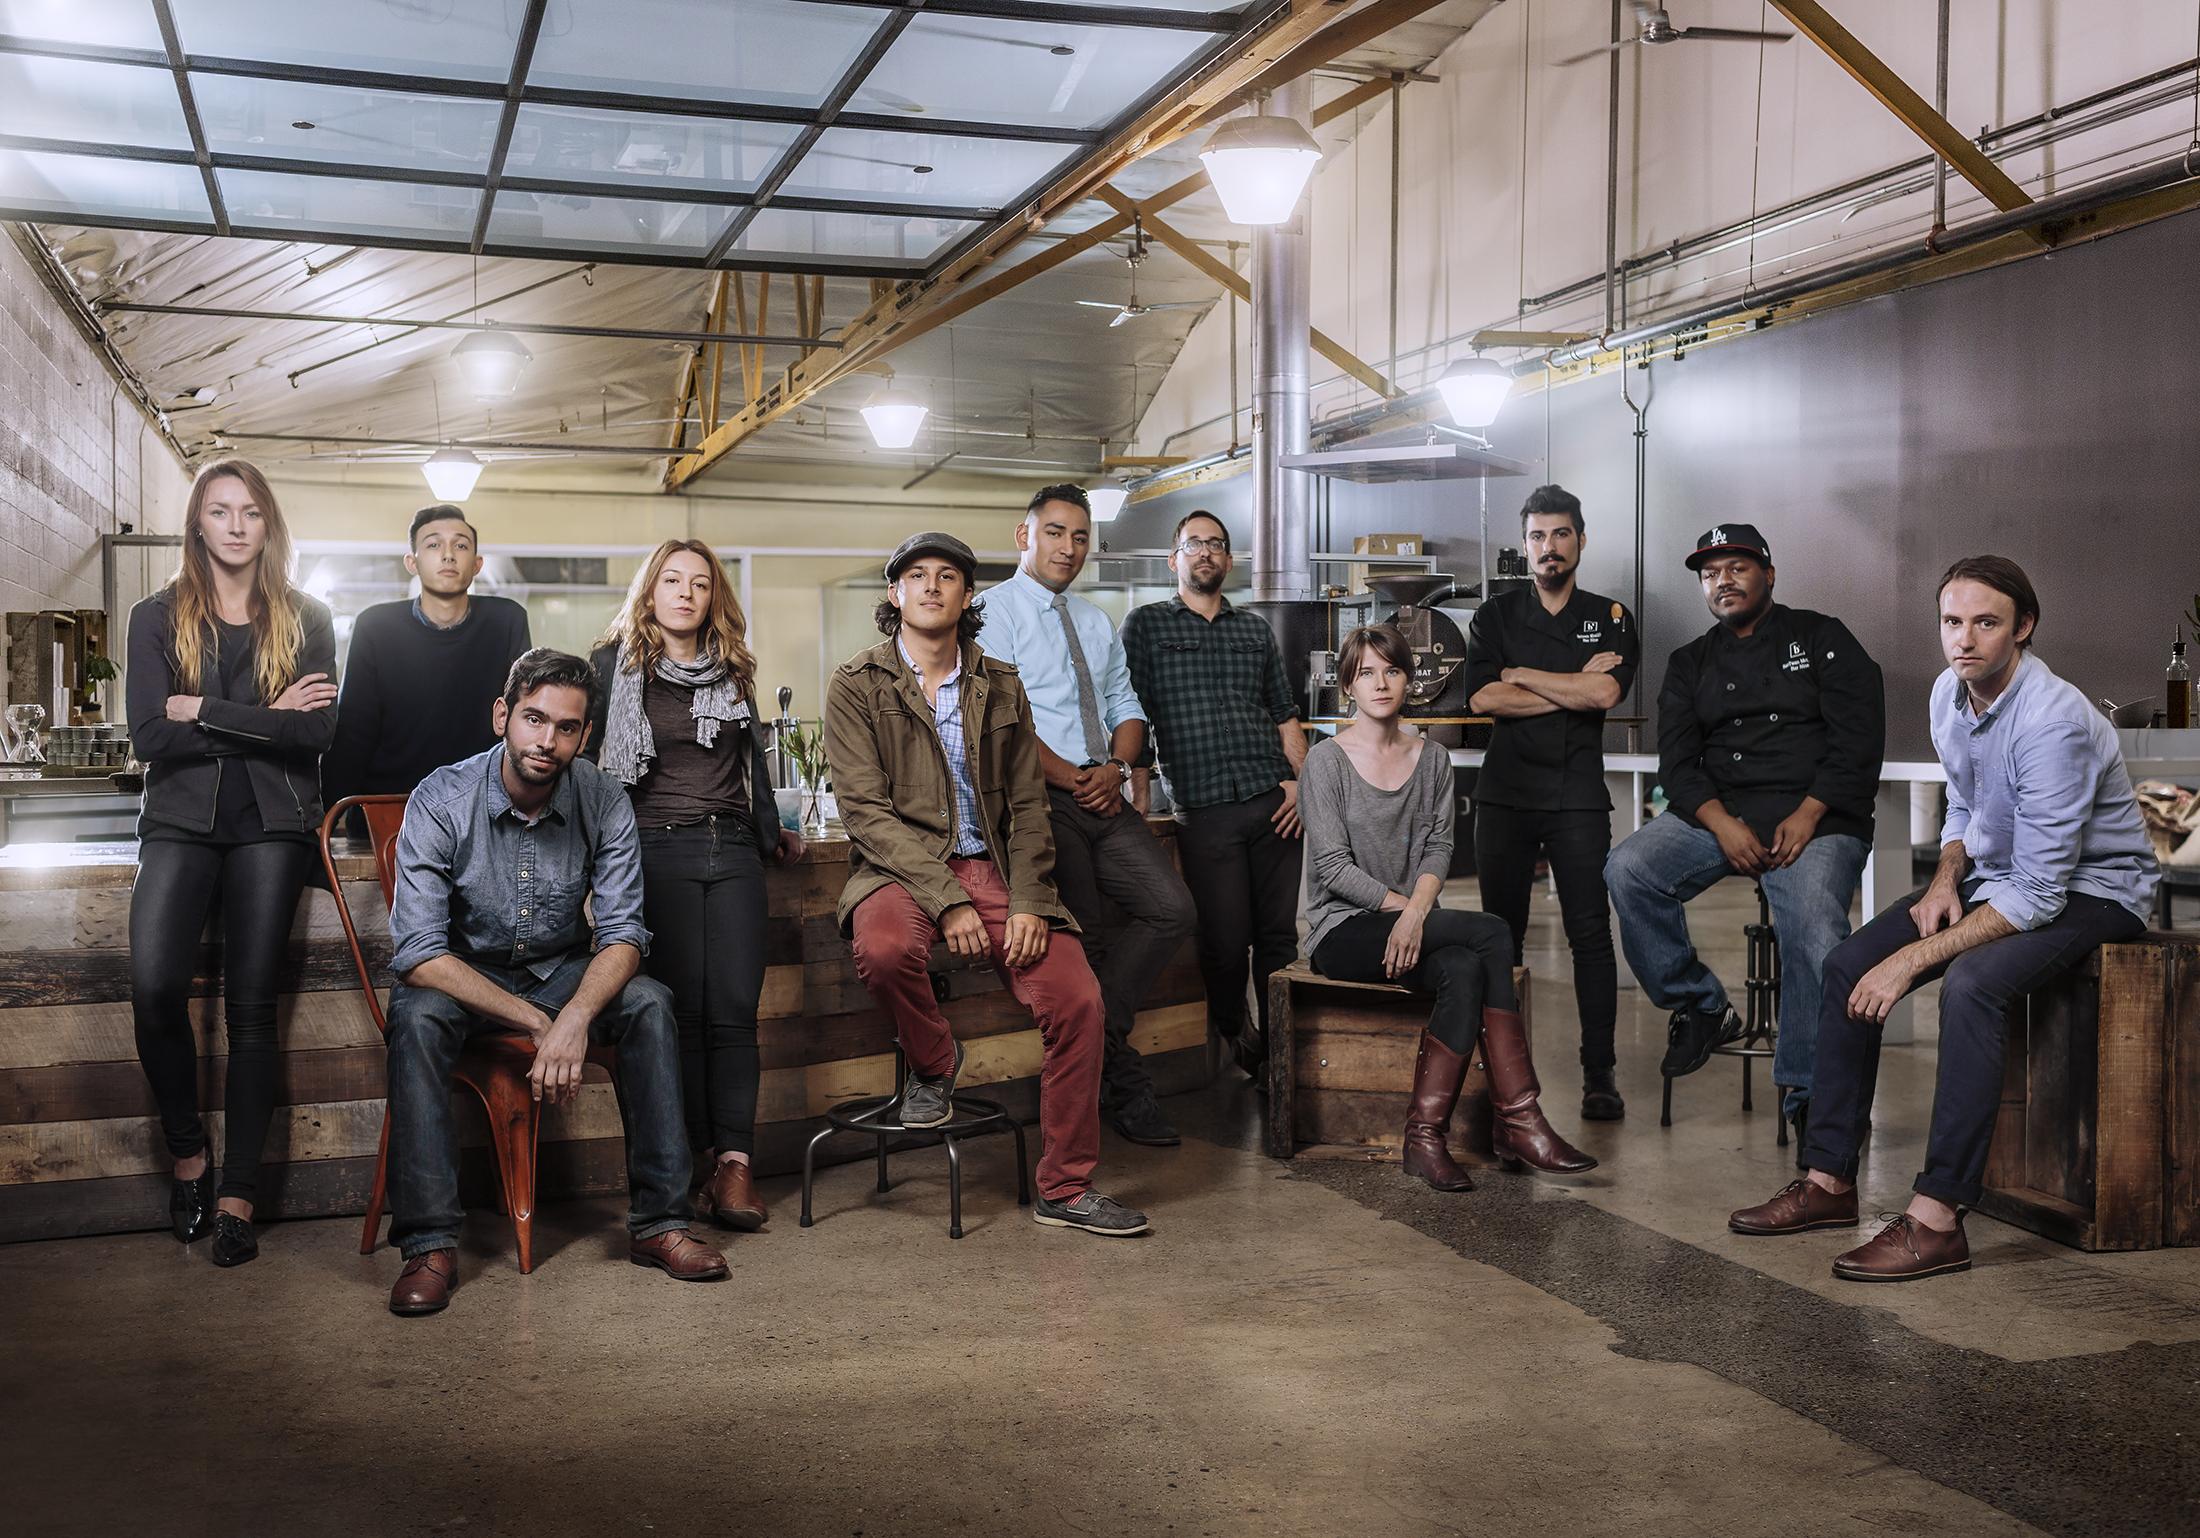 The Bar Nine team